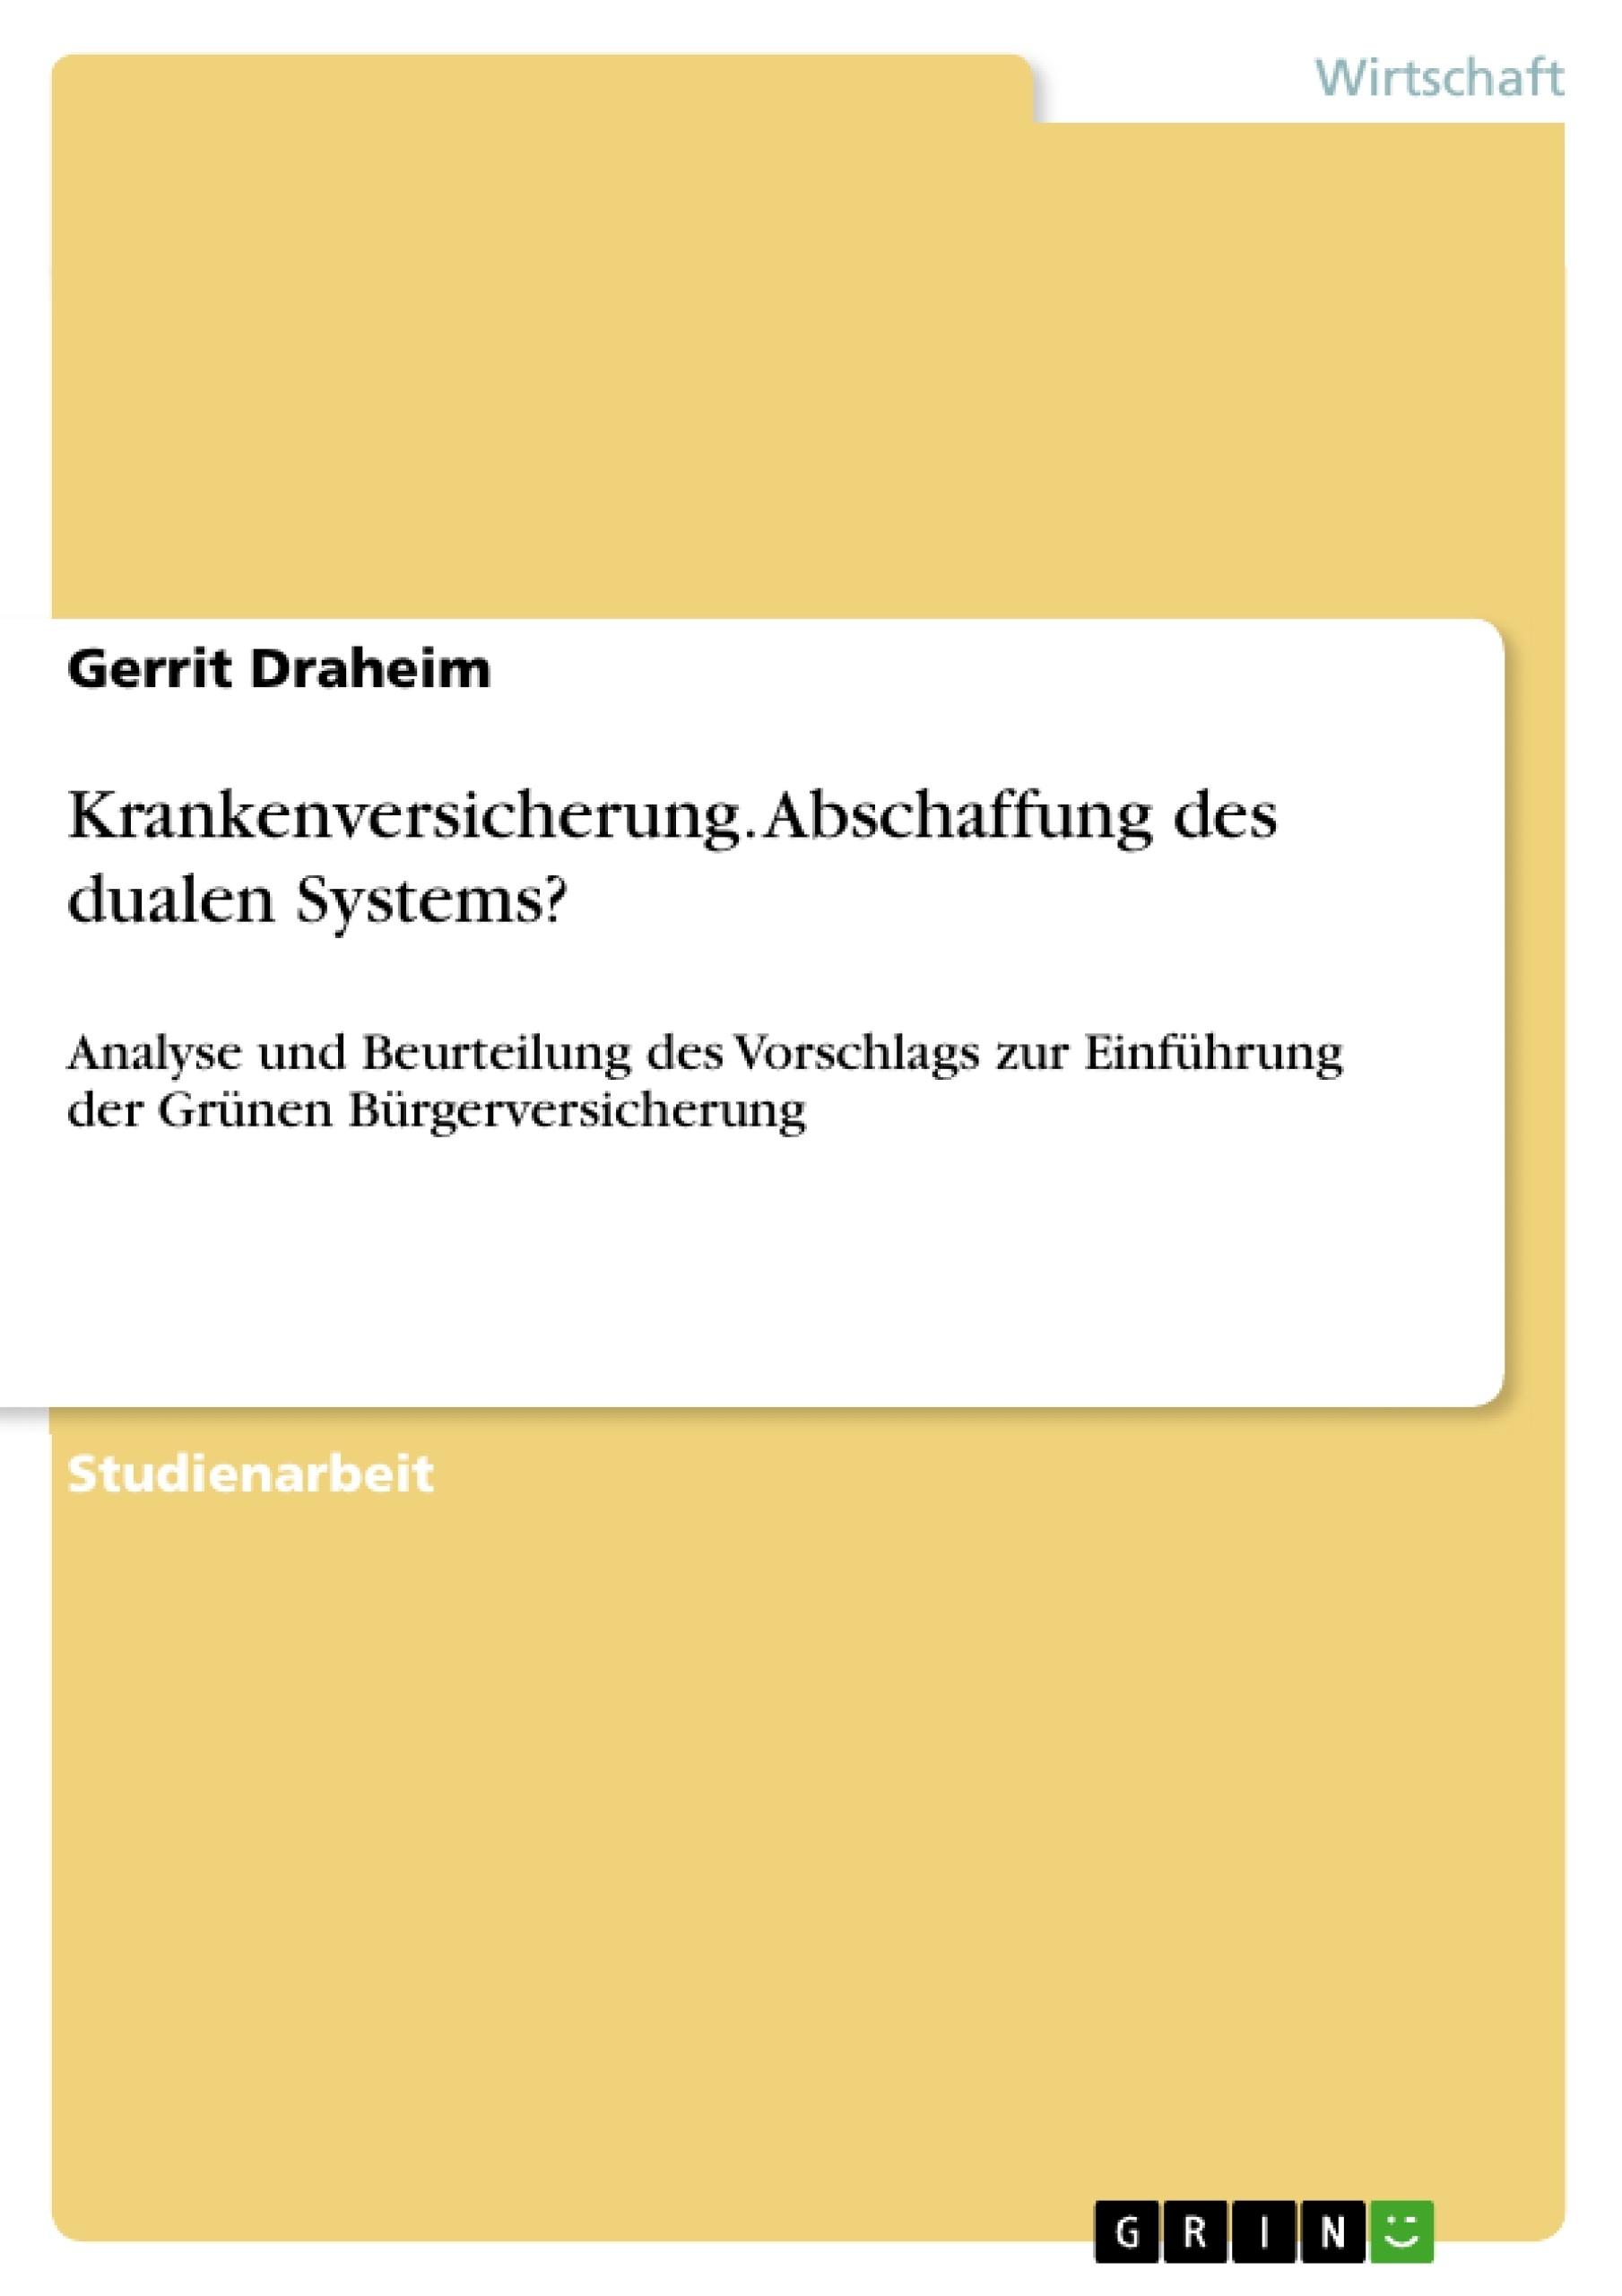 Titel: Krankenversicherung. Abschaffung des dualen Systems?